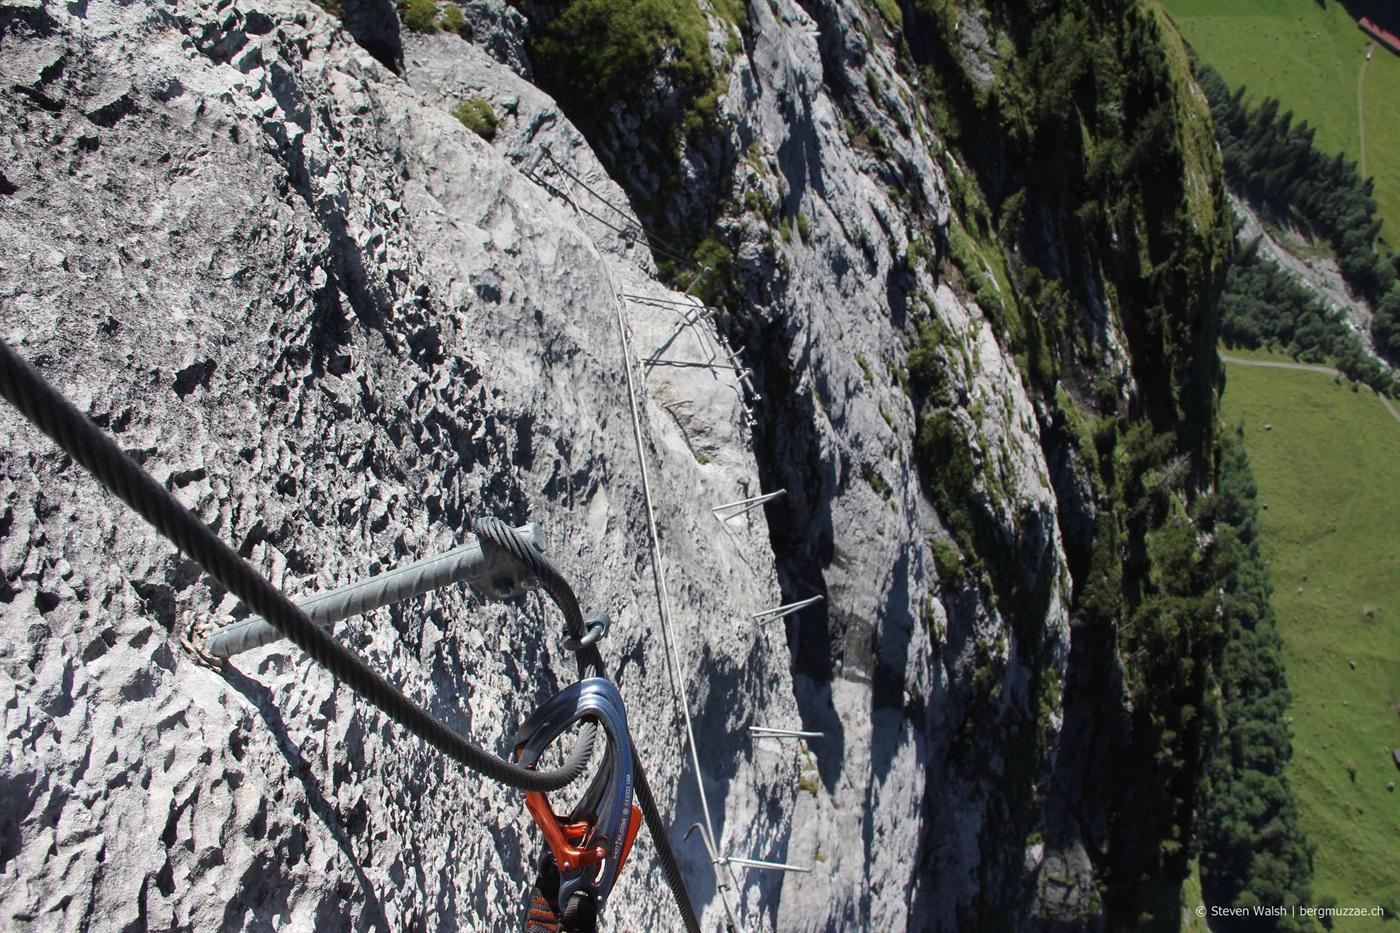 Klettersteig Fürenalp : Fürenwand klettersteig 1850m u2013 bergmuzzae.ch